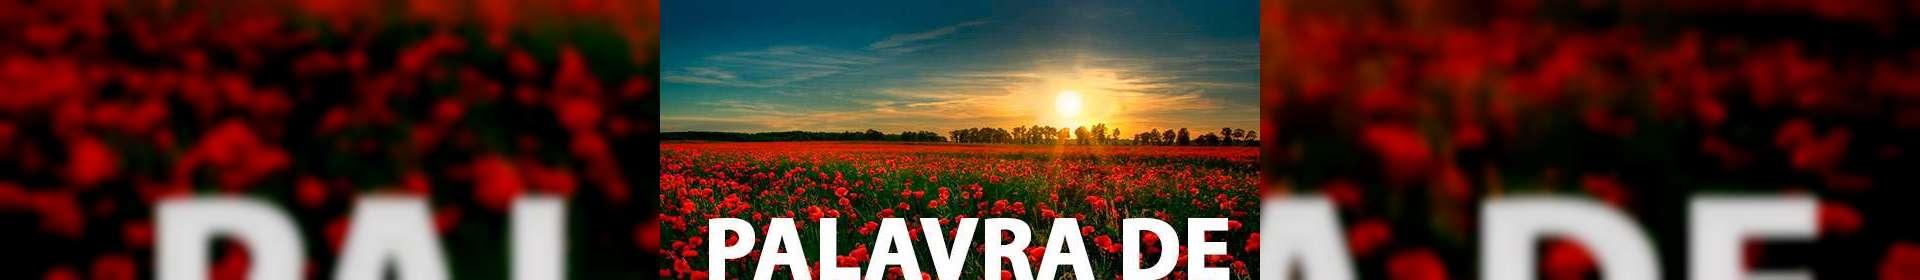 Salmos 107:19,20 - Uma Palavra de Esperança para sua vida